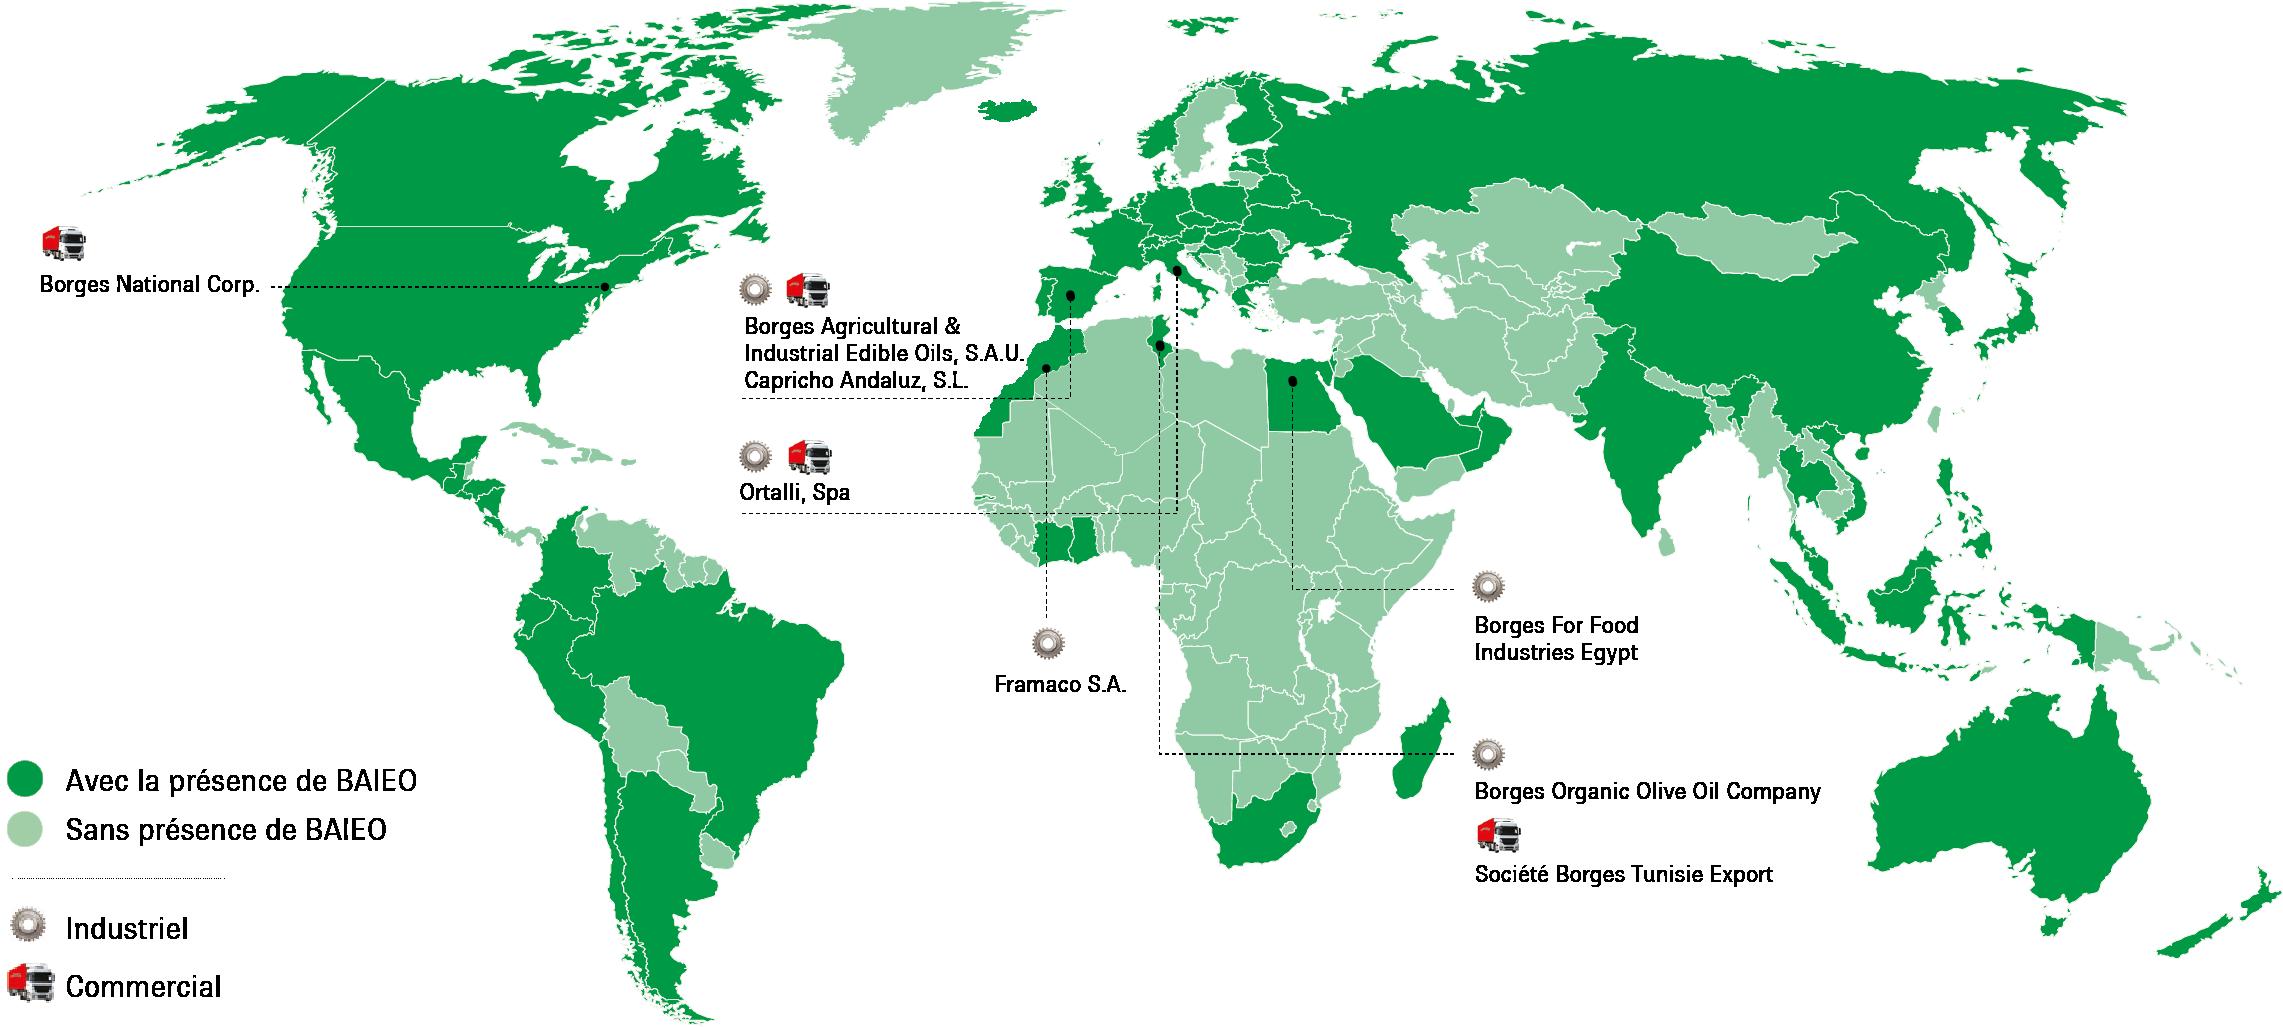 Mapa mundi - Borges